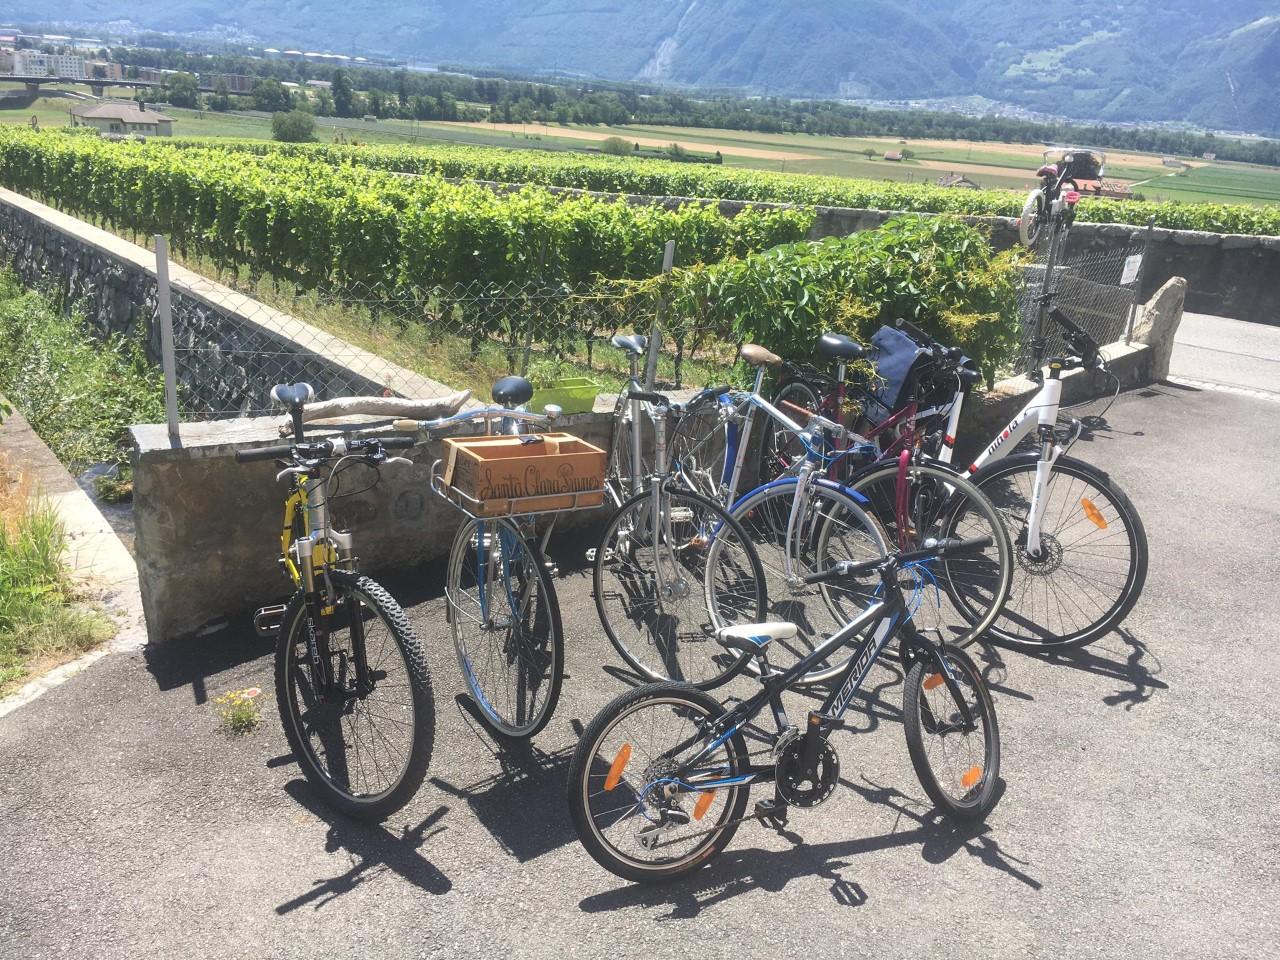 Flotte de vélo en location